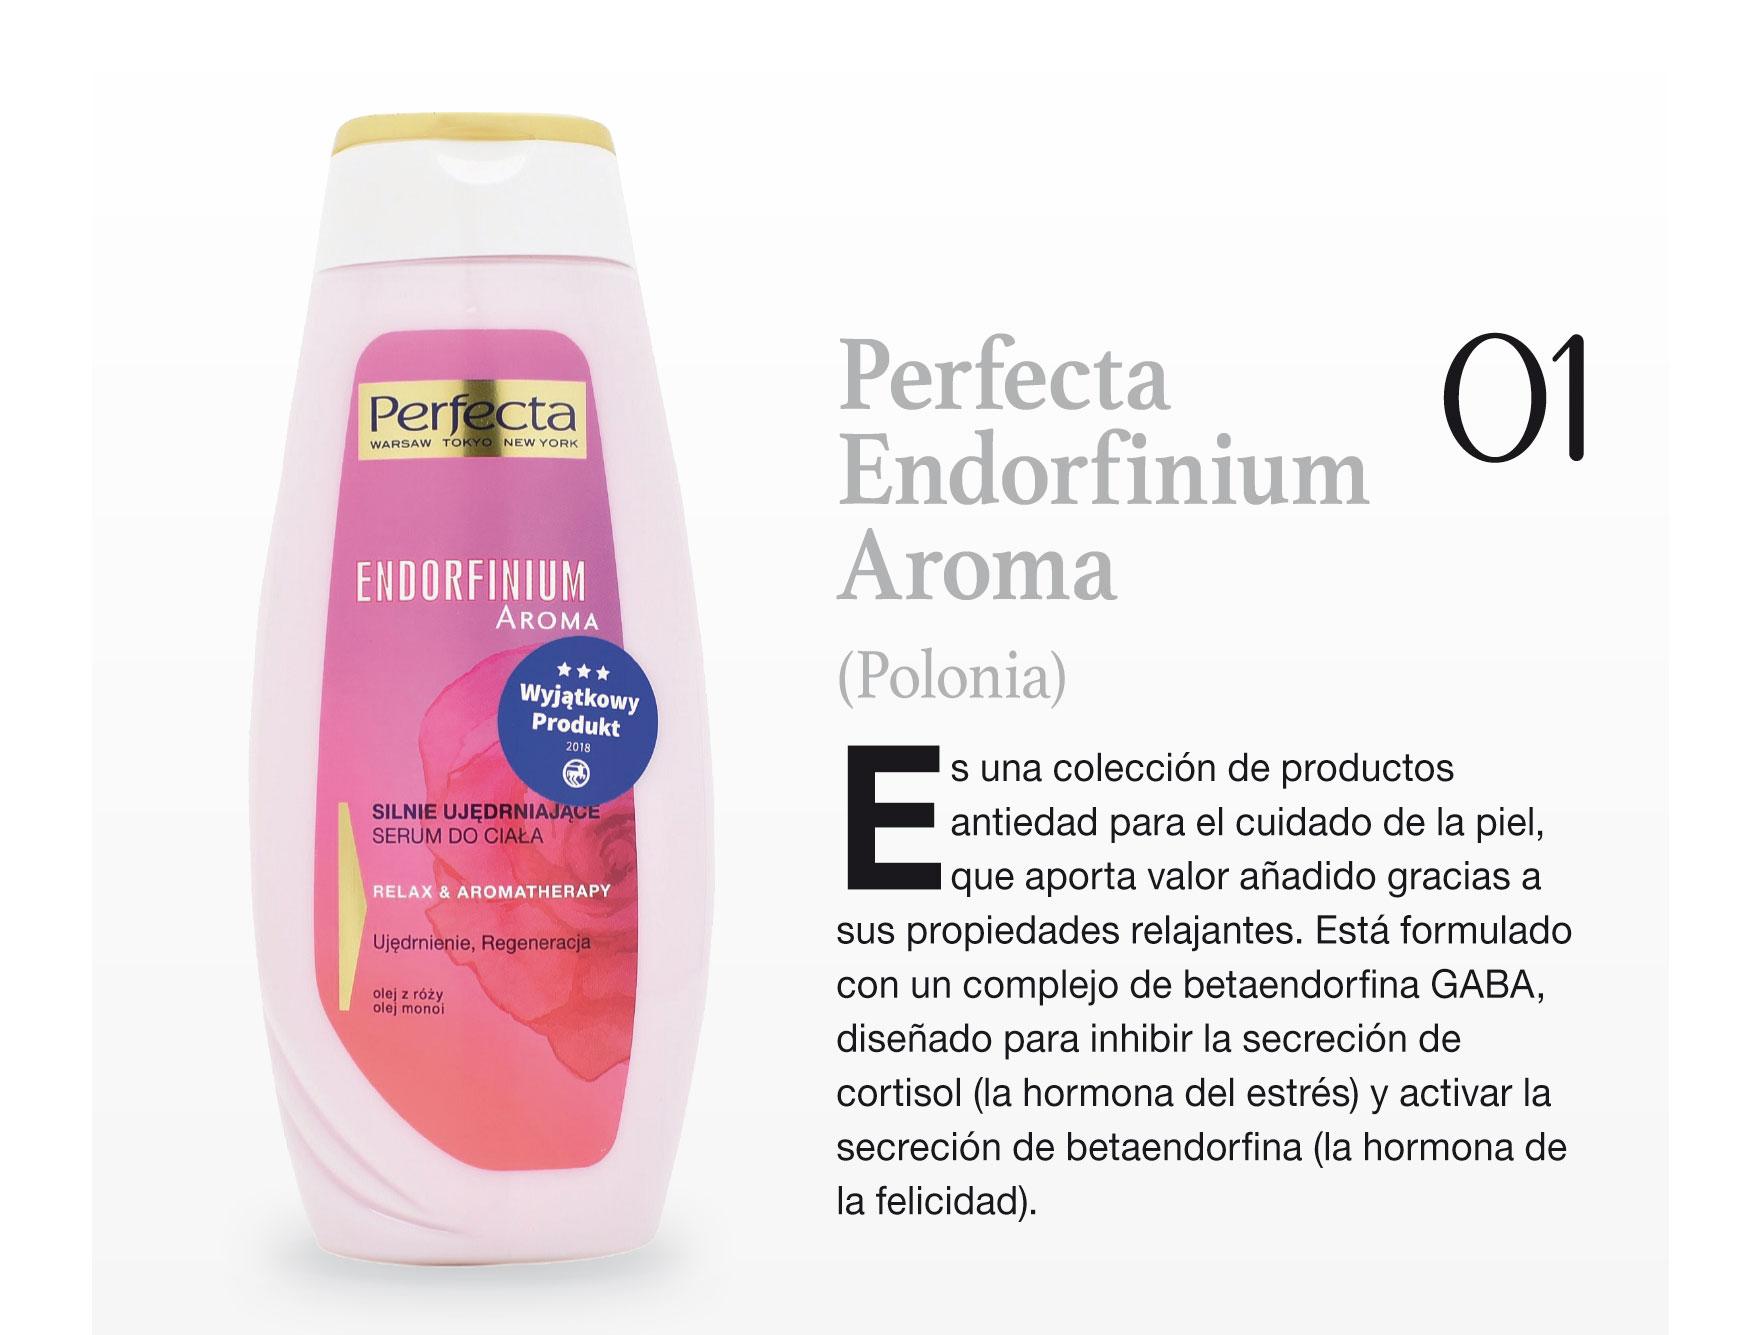 Perfecta Endorfinium Aroma (Polonia)